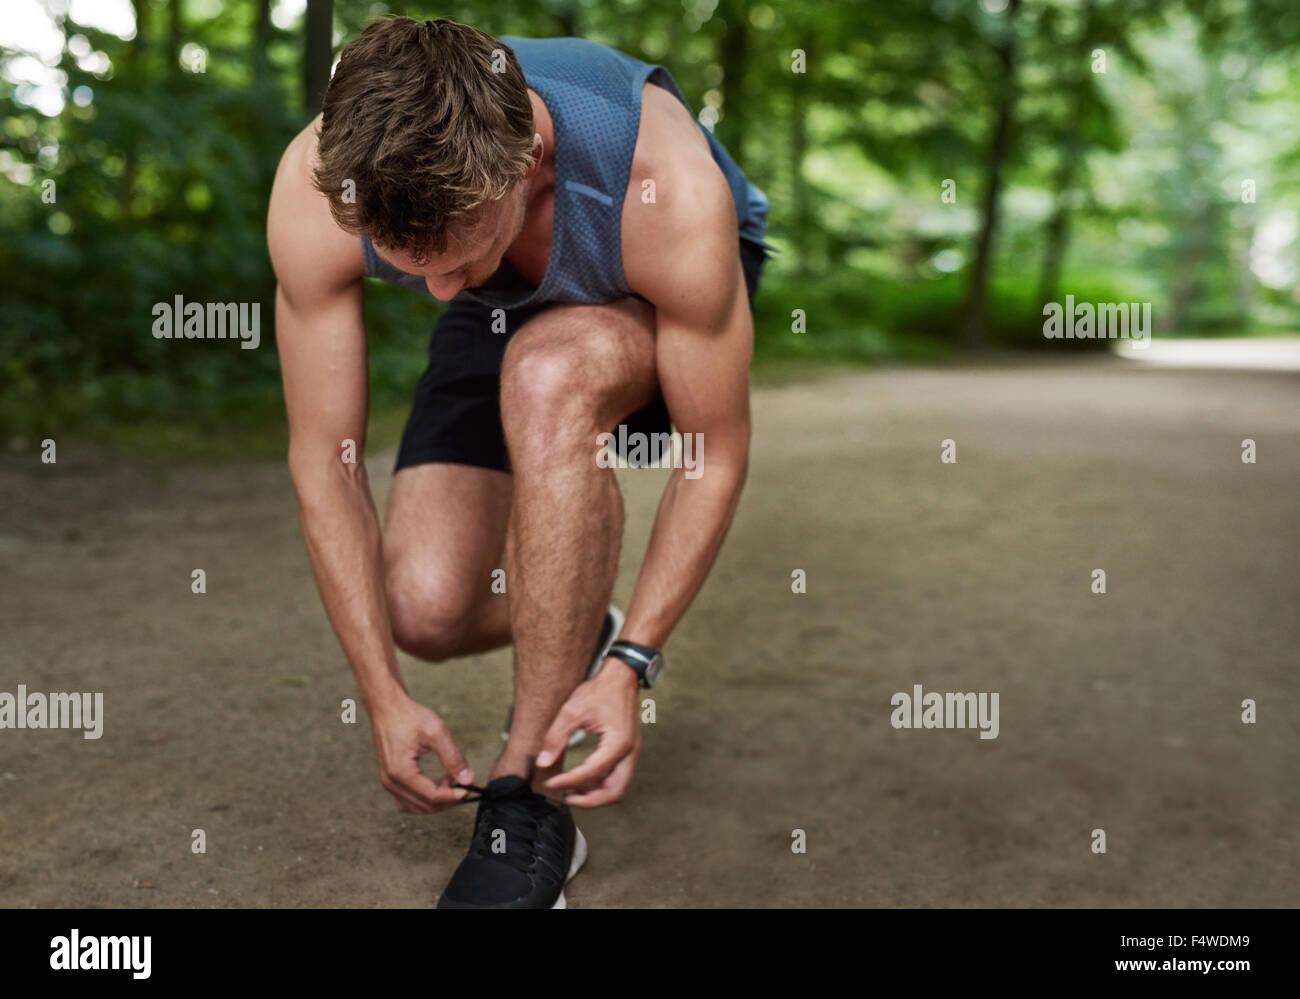 Colocar muscular emparejador macho agacharse atar su Zapato con cordones en una vía a través de un exuberante Imagen De Stock